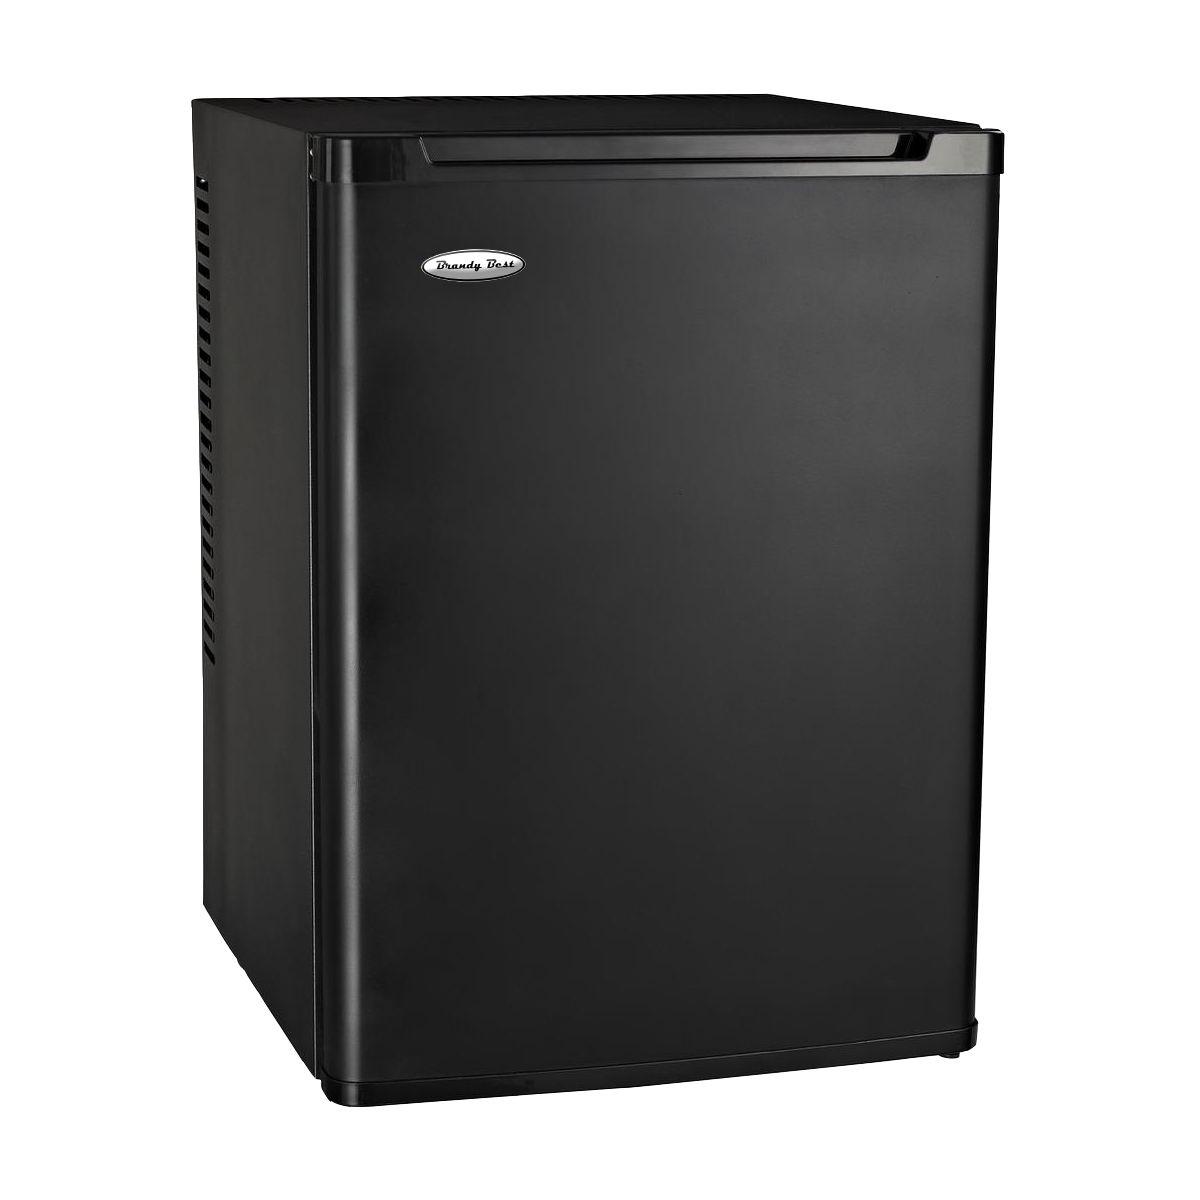 Mini réfrigérateur BRANDY BEST SILENT400B